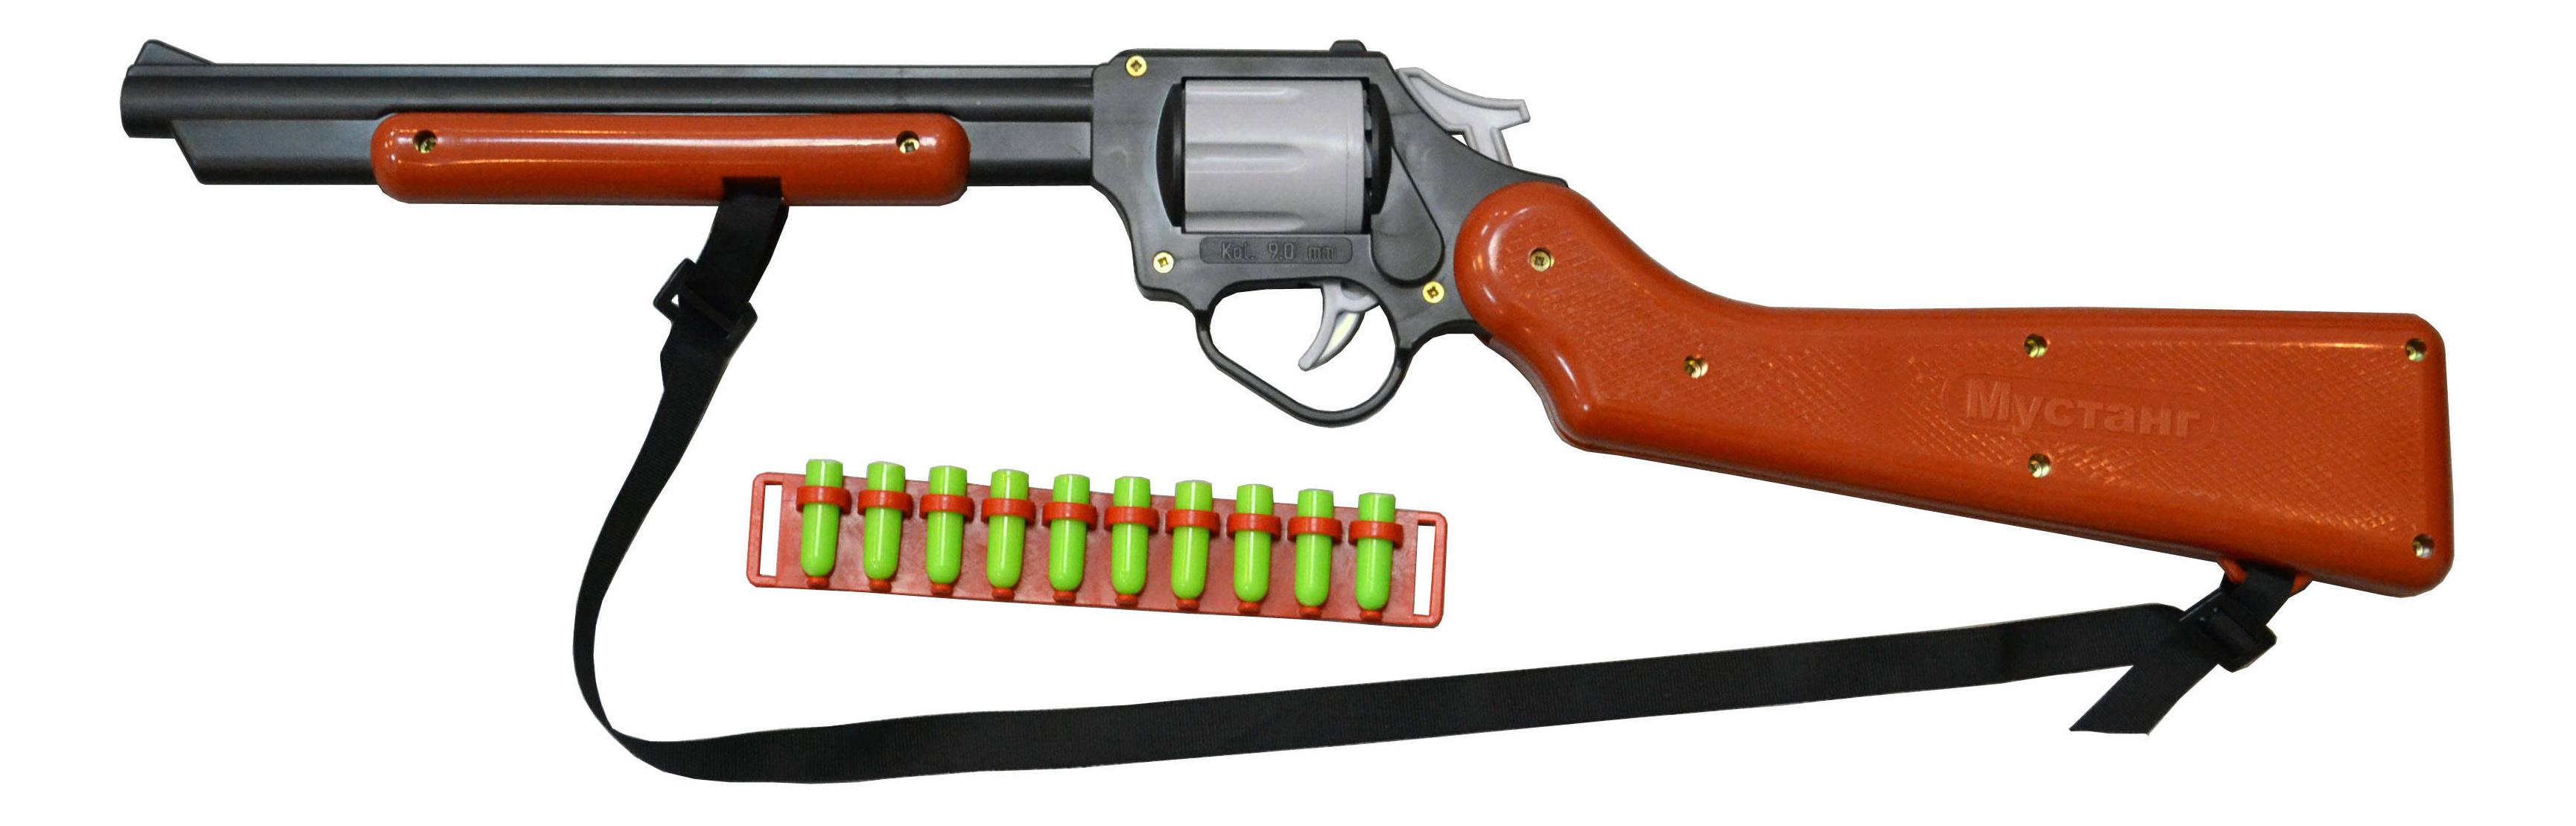 Купить Игрушечное оружие Форма Мустанг, Стрелковое игрушечное оружие